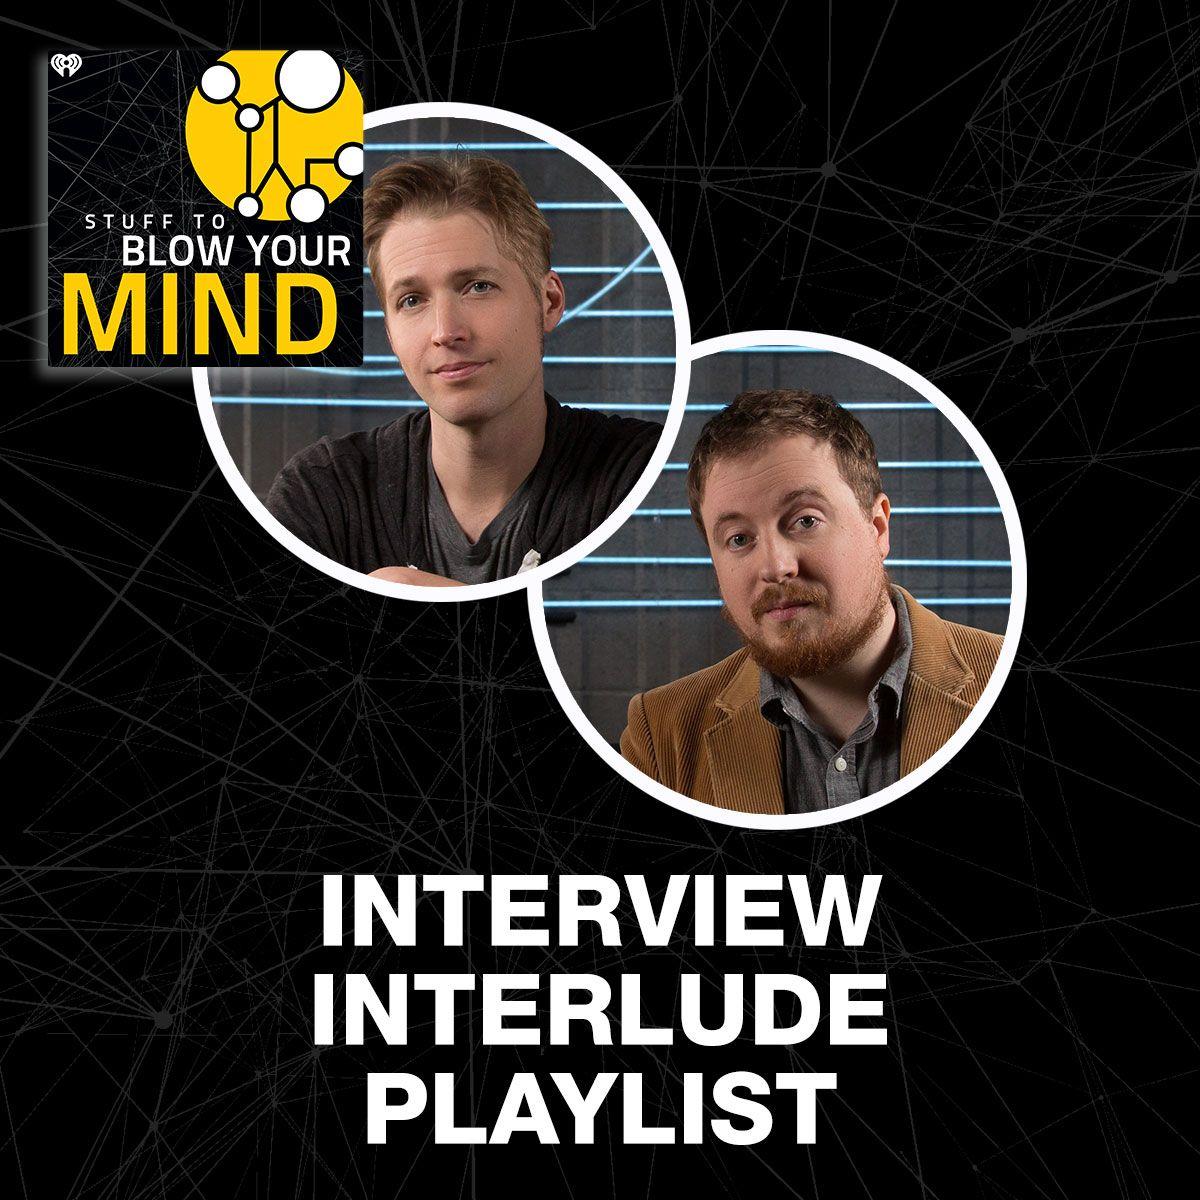 Interview Interlude Playlist, Part 5: Mark Mandica